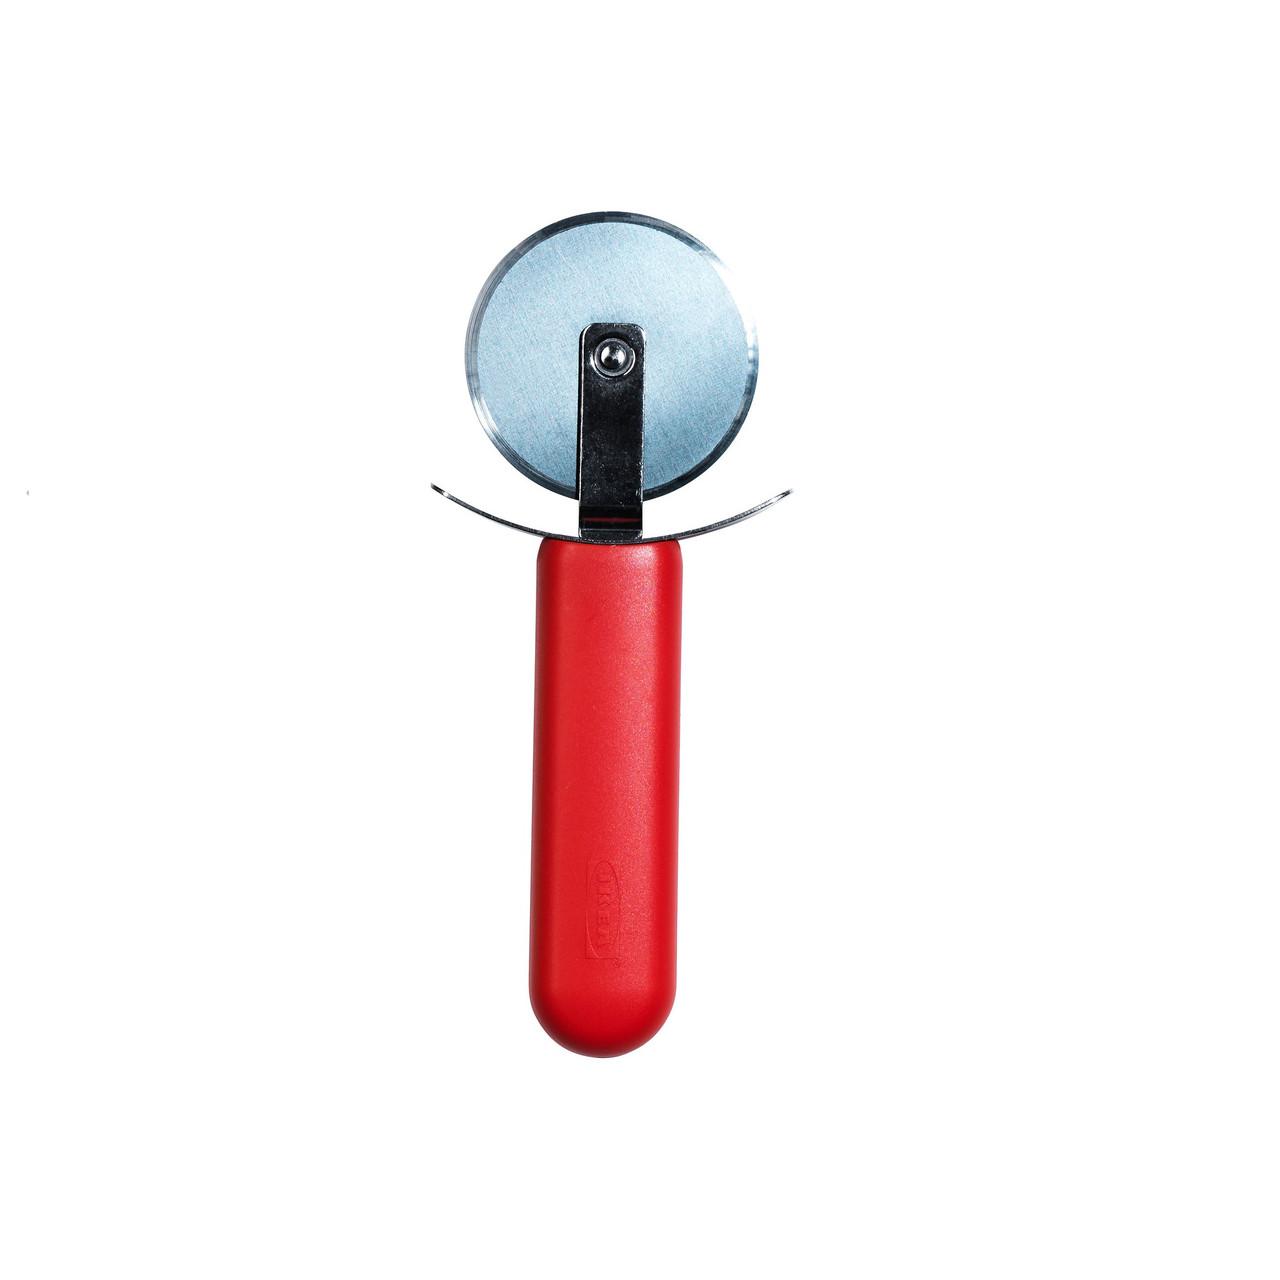 СТЭМ Нож для нарезания пиццы, пиццерезка, красный 002332502 IKEA, ИКЕА, STÄM